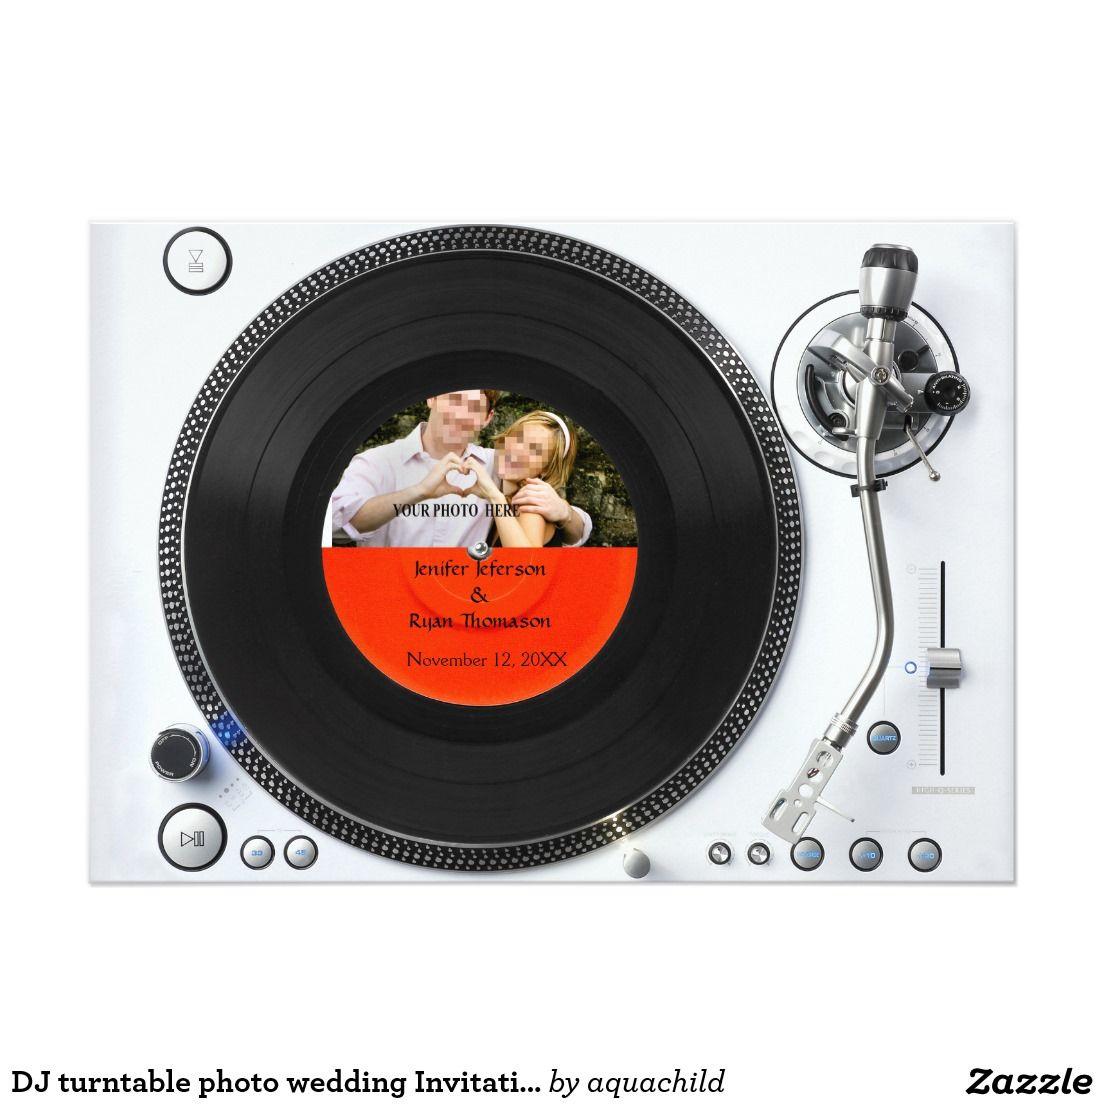 DJ turntable photo wedding Invitation | Customized unusual ...